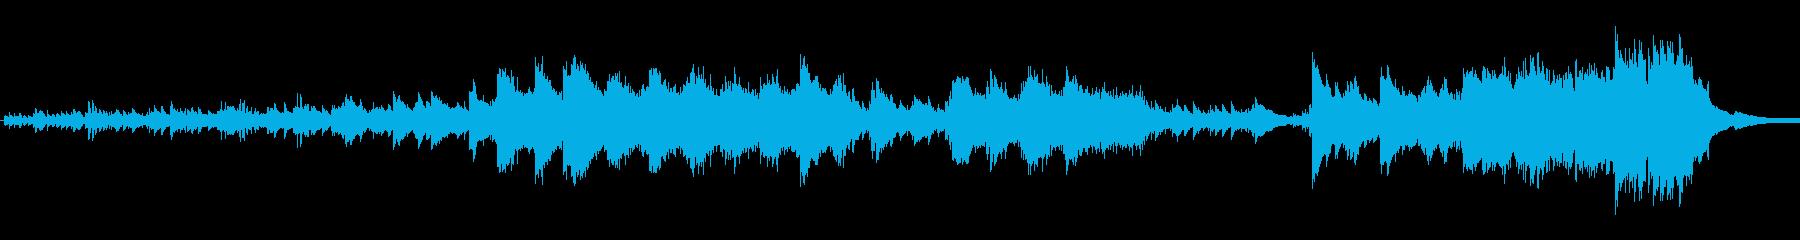 事務所の再生済みの波形